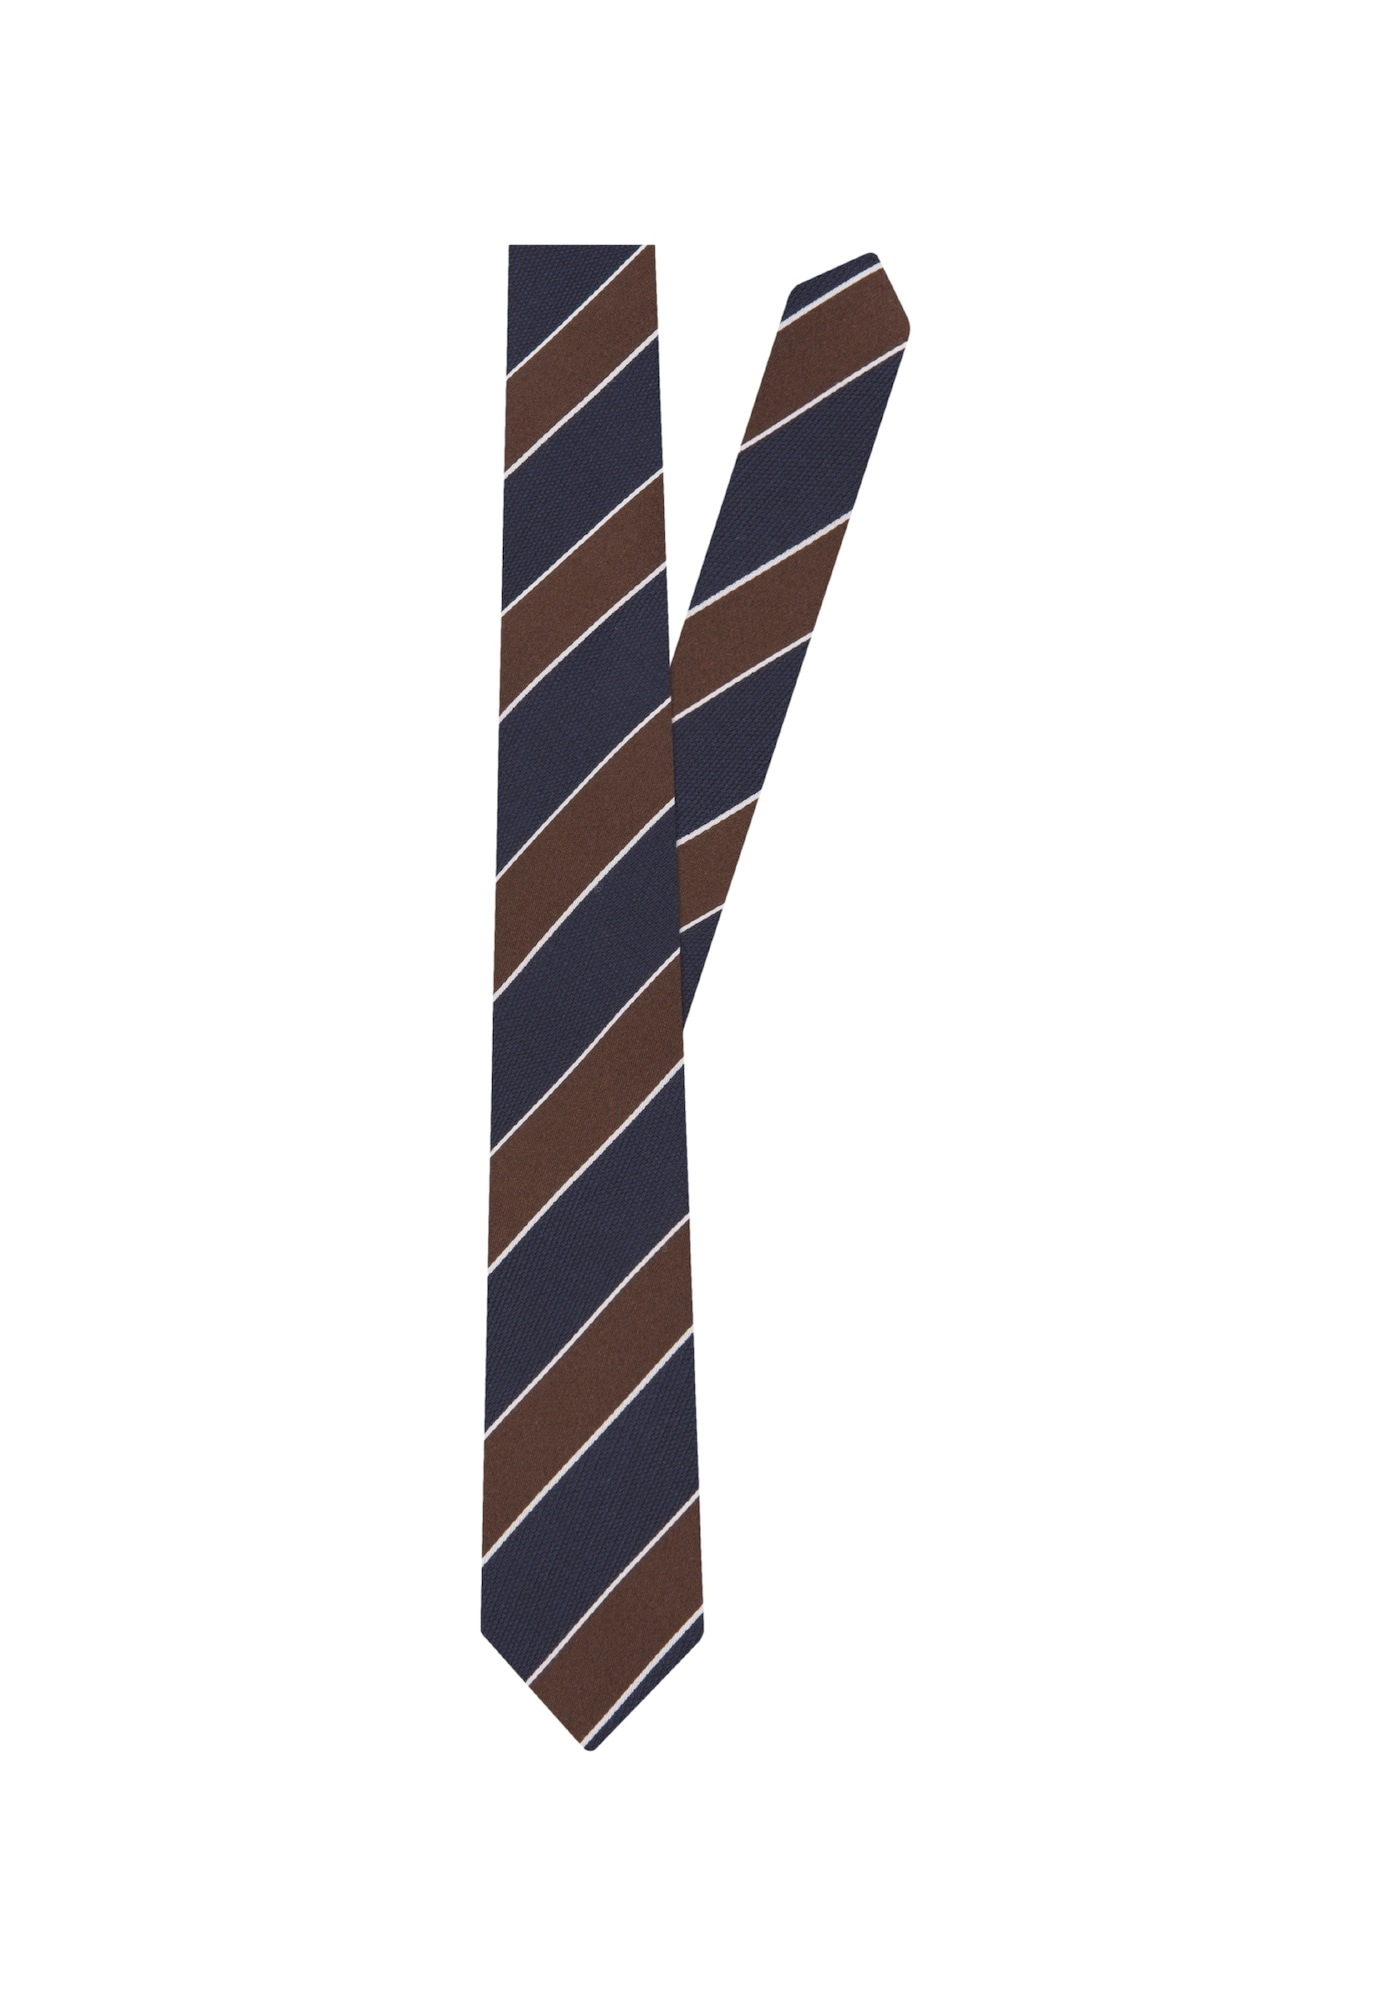 Krawatte 'Schwarze Rose' | Accessoires > Krawatten > Sonstige Krawatten | SEIDENSTICKER